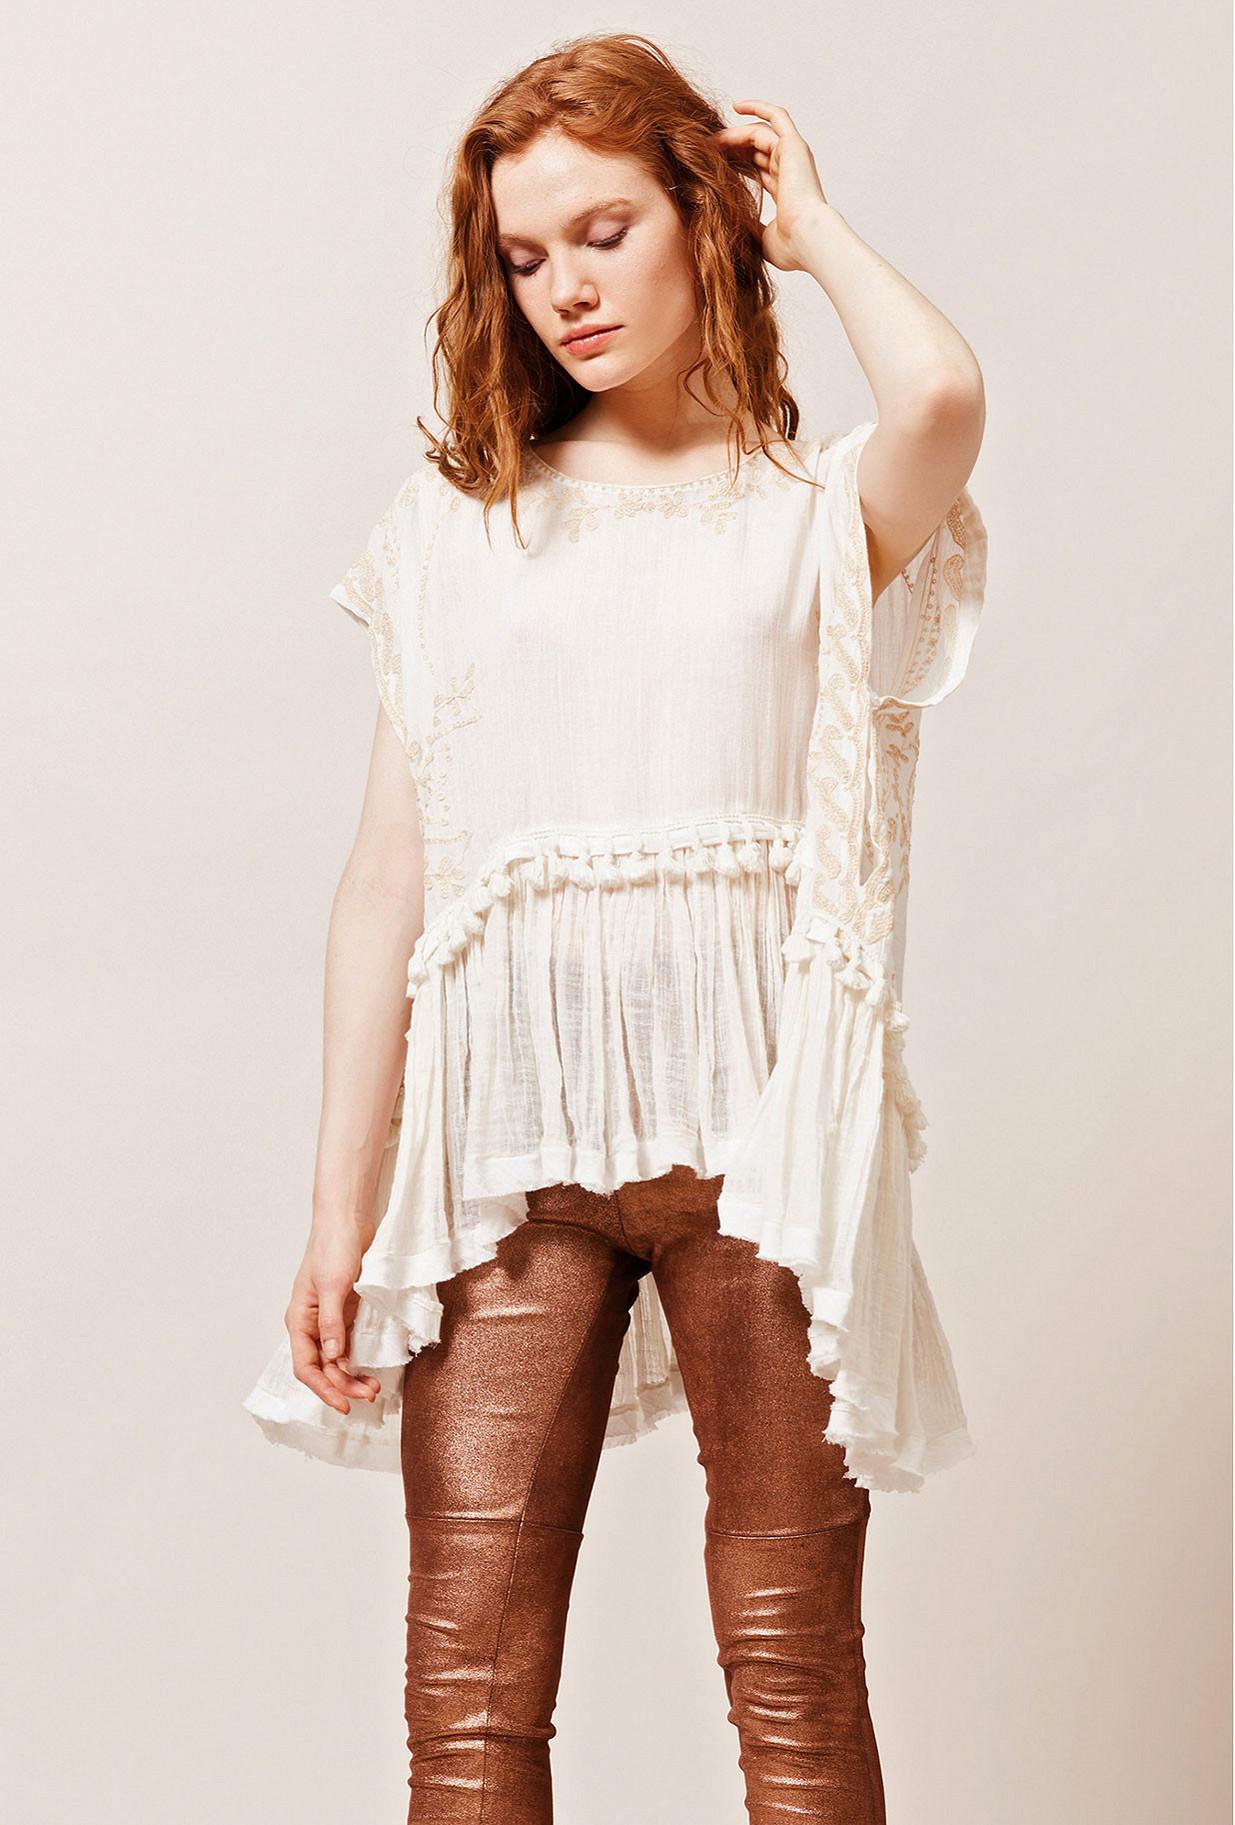 Paris boutique de mode vêtement Top créateur bohème Greco